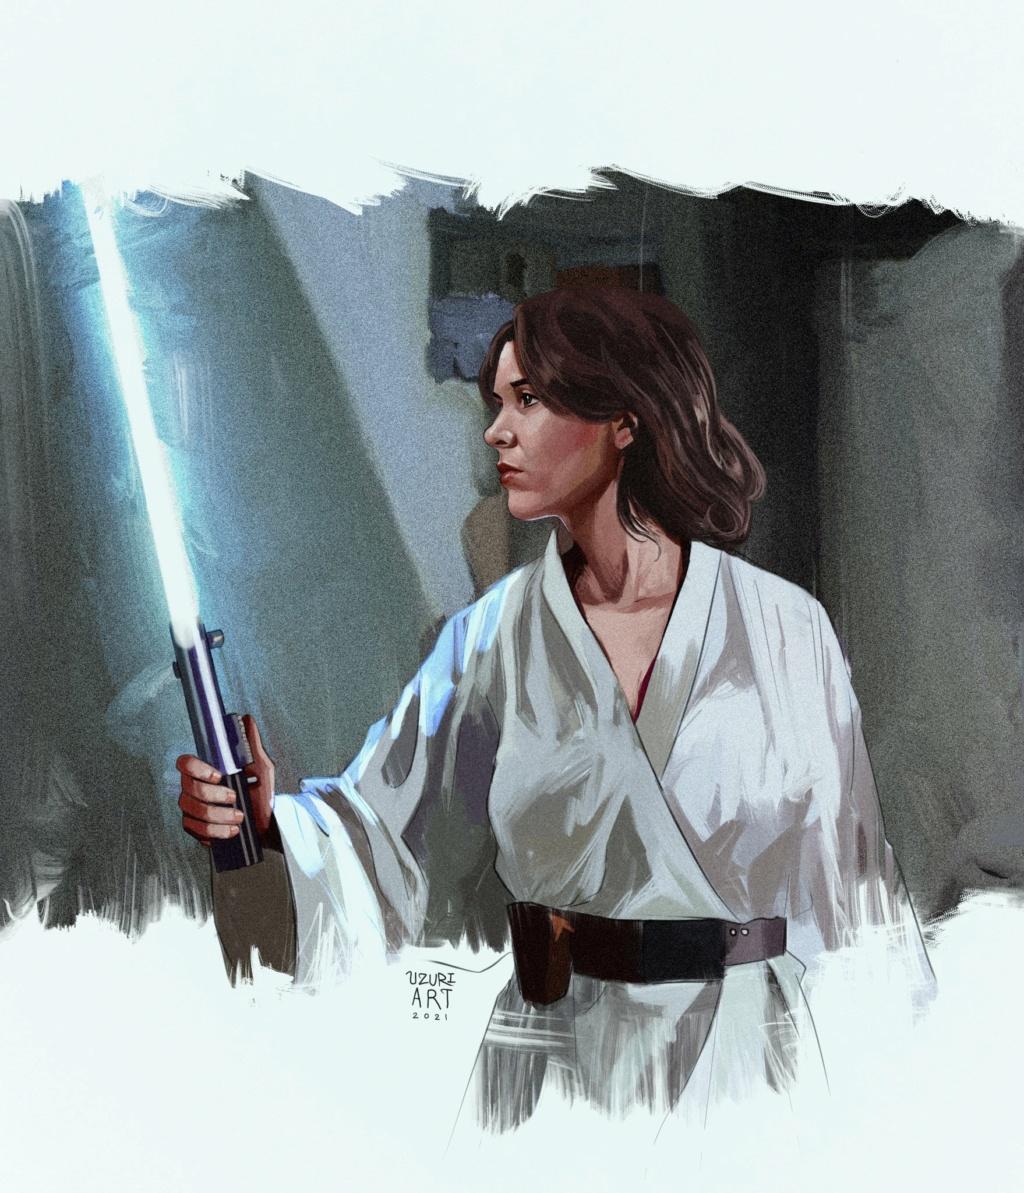 Digital Art par UZURI ART - Star Wars - Page 3 Uzuri_83